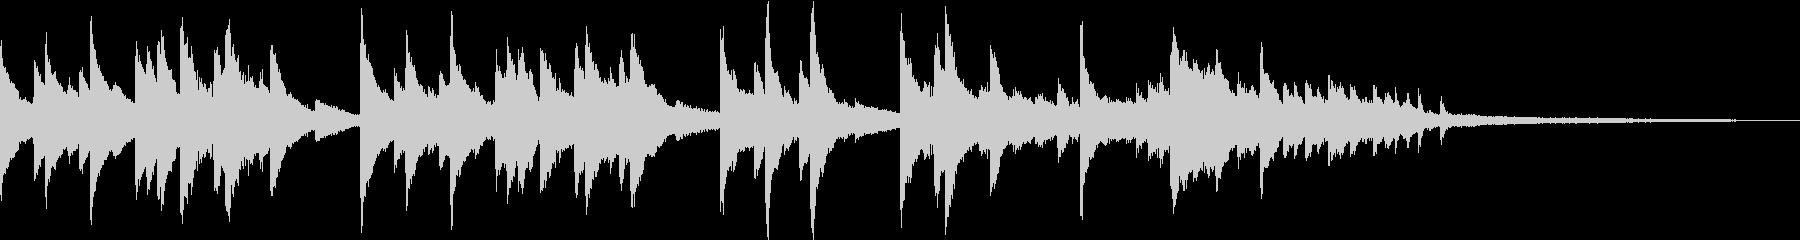 ピアノの旋律が印象的なBGMの未再生の波形